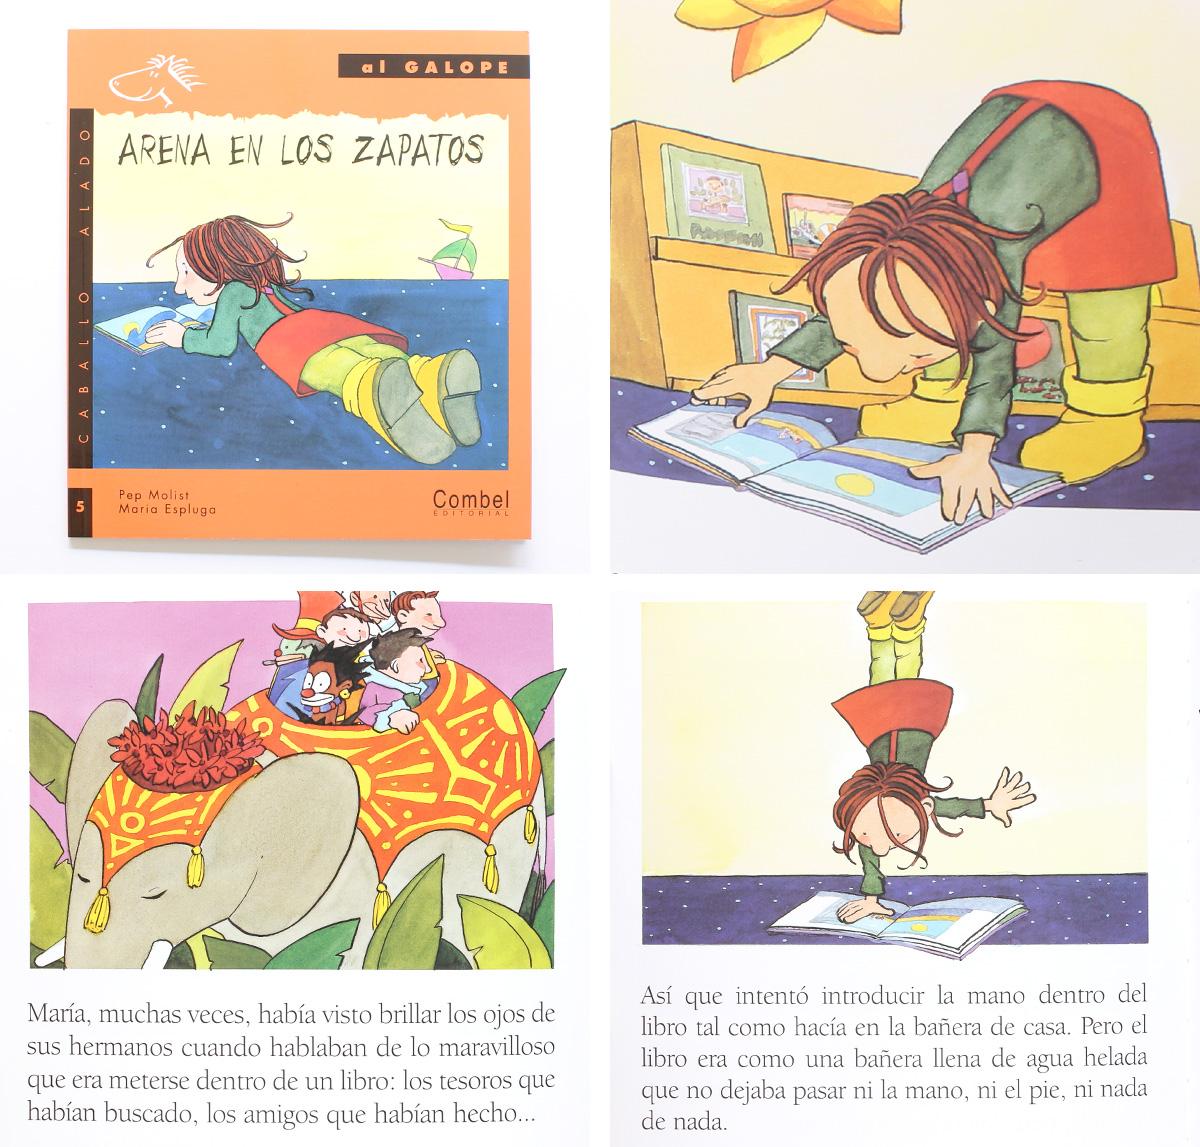 Libros-infantiles-para-fomentar-la-lectura-Arena-en-los-zapatos